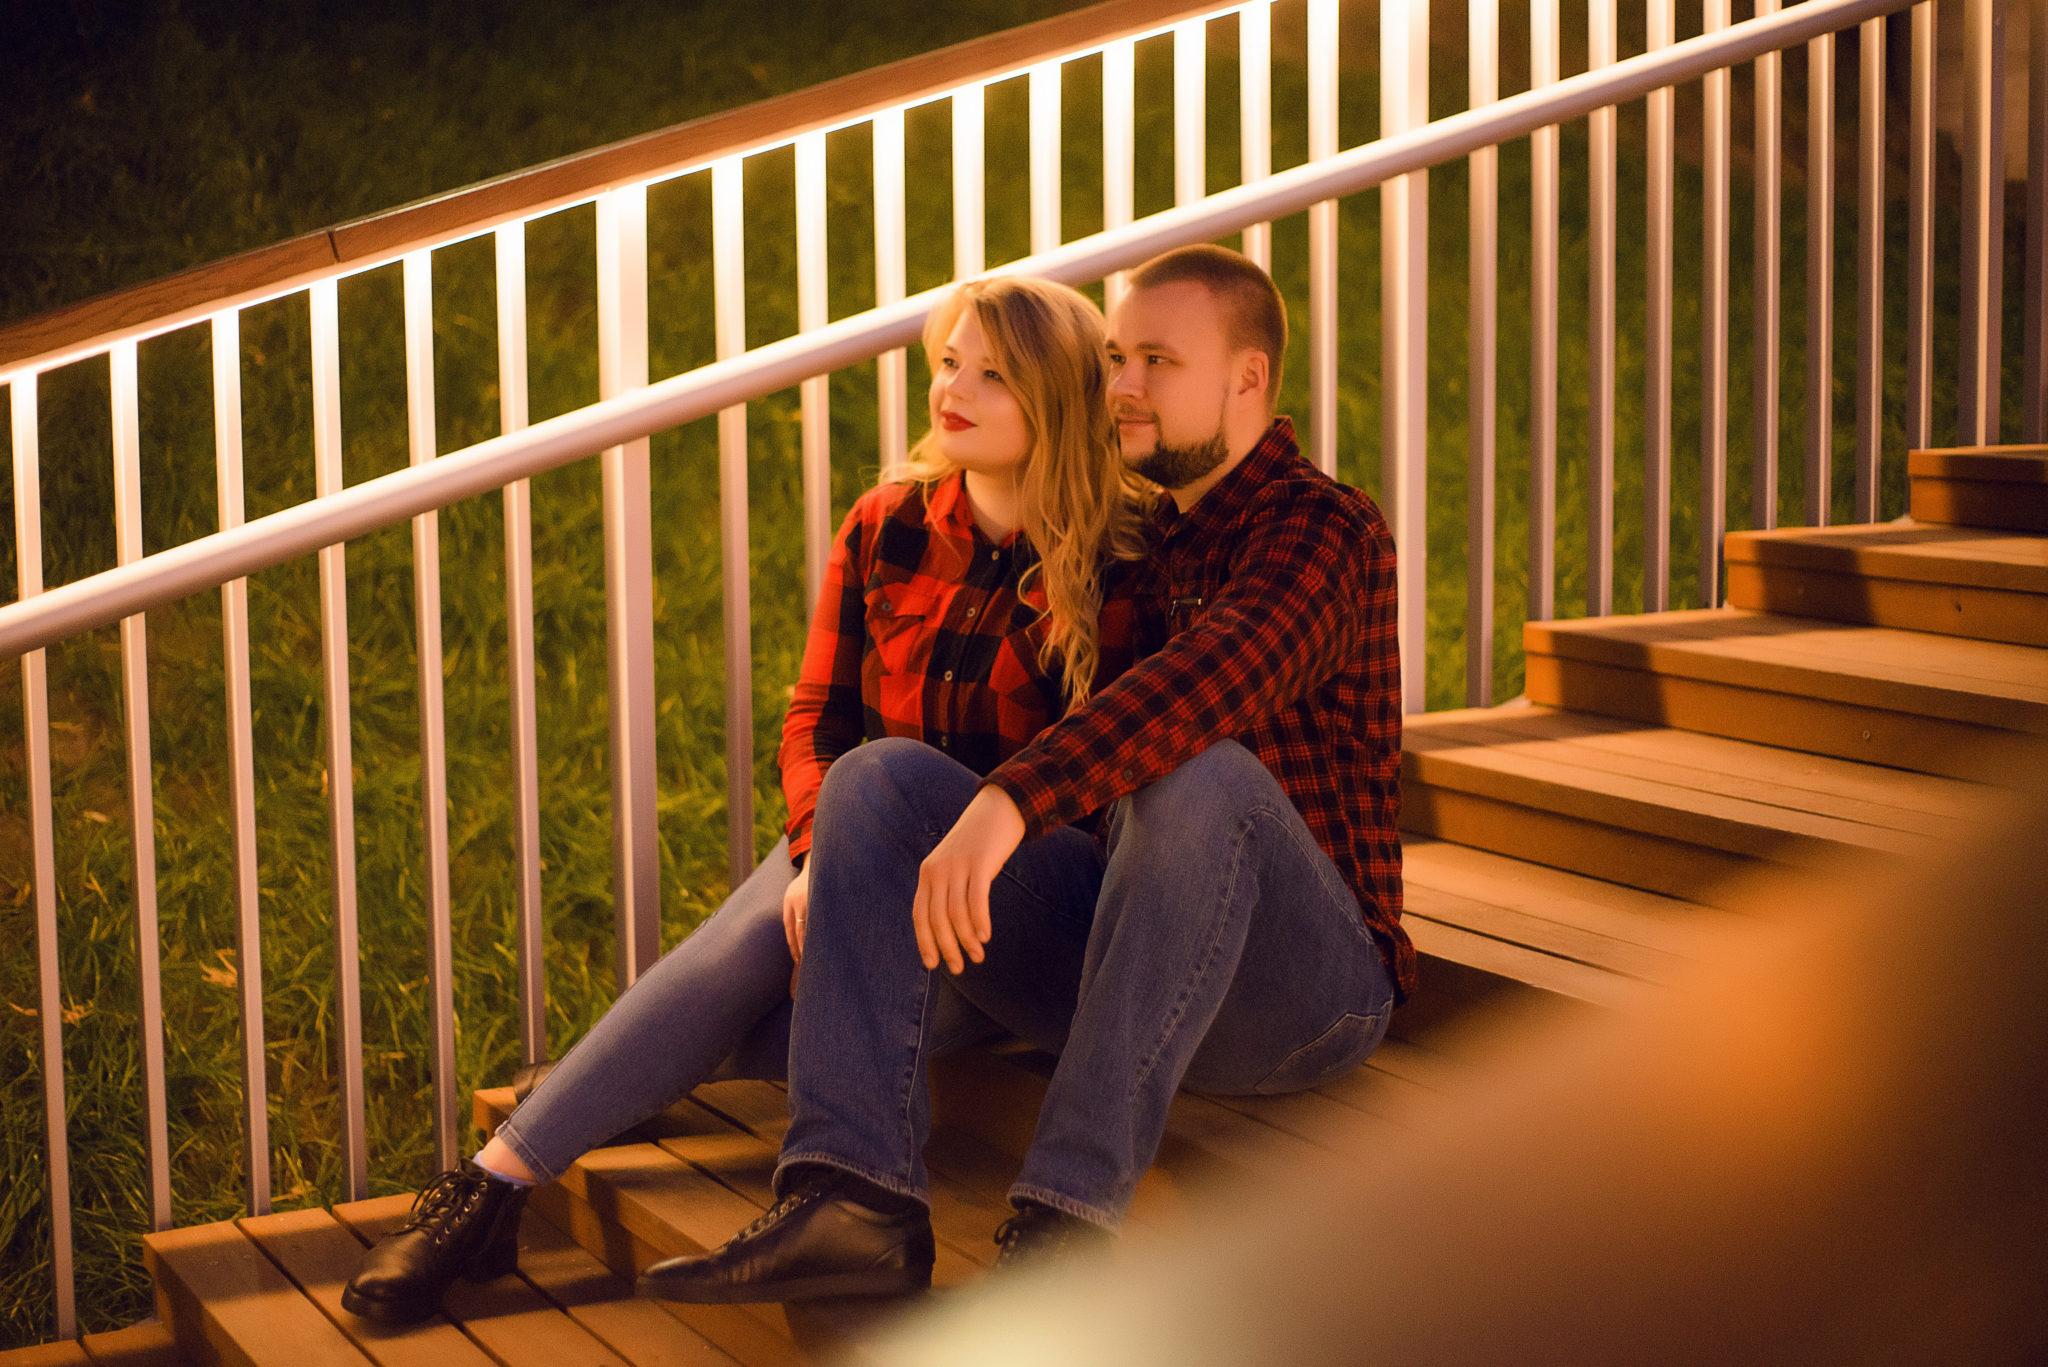 Love story фотосессия на природе, локация Подол, пара сидит на деревянных ступеньках, ph Постникова Алиса